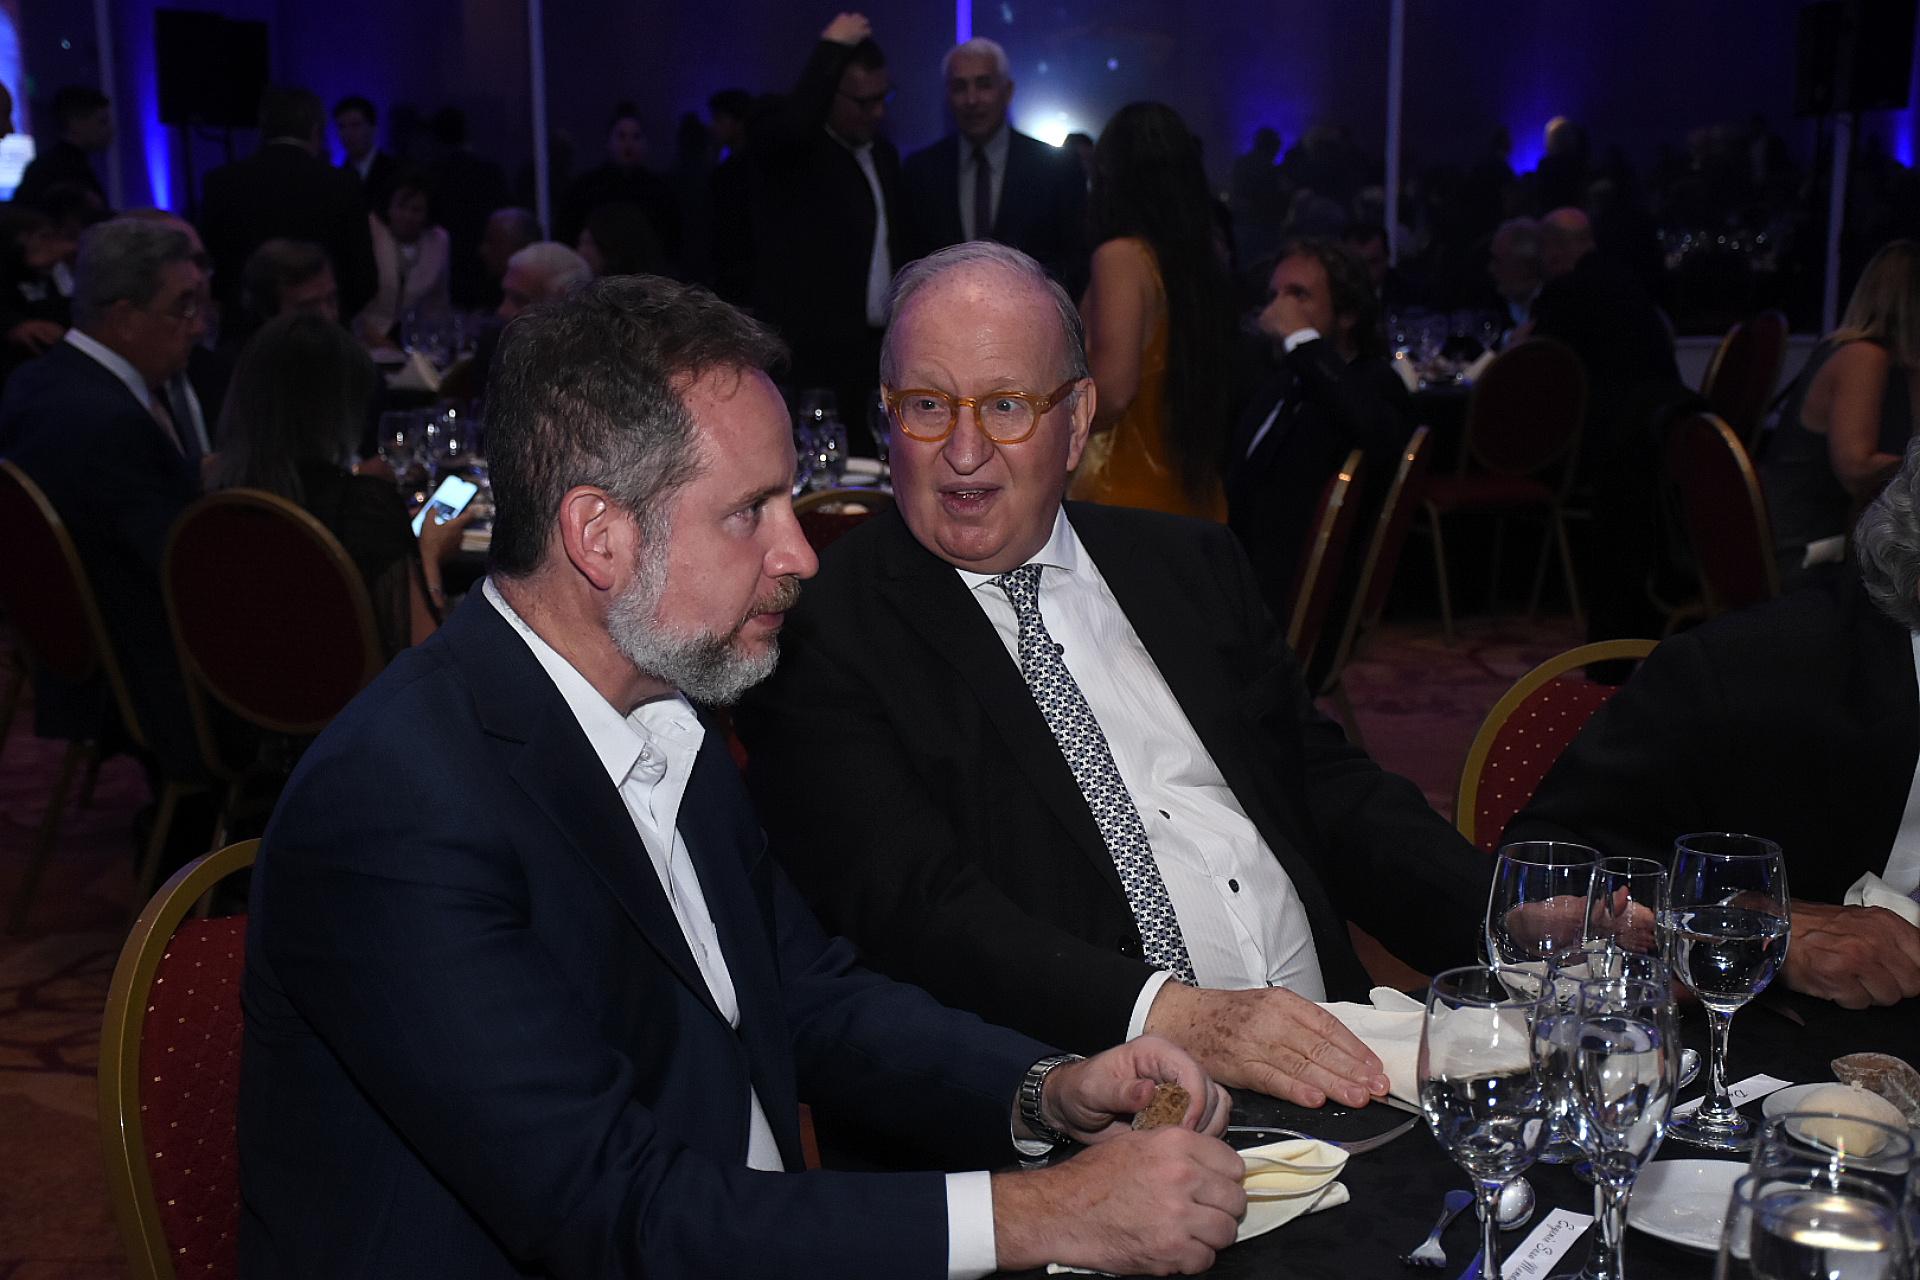 Eugenio Sosa Mendoza, presidente de la Asociación de Teleradiodifusoras Argentinas, y Daniel Sabsay, abogado constitucionalista